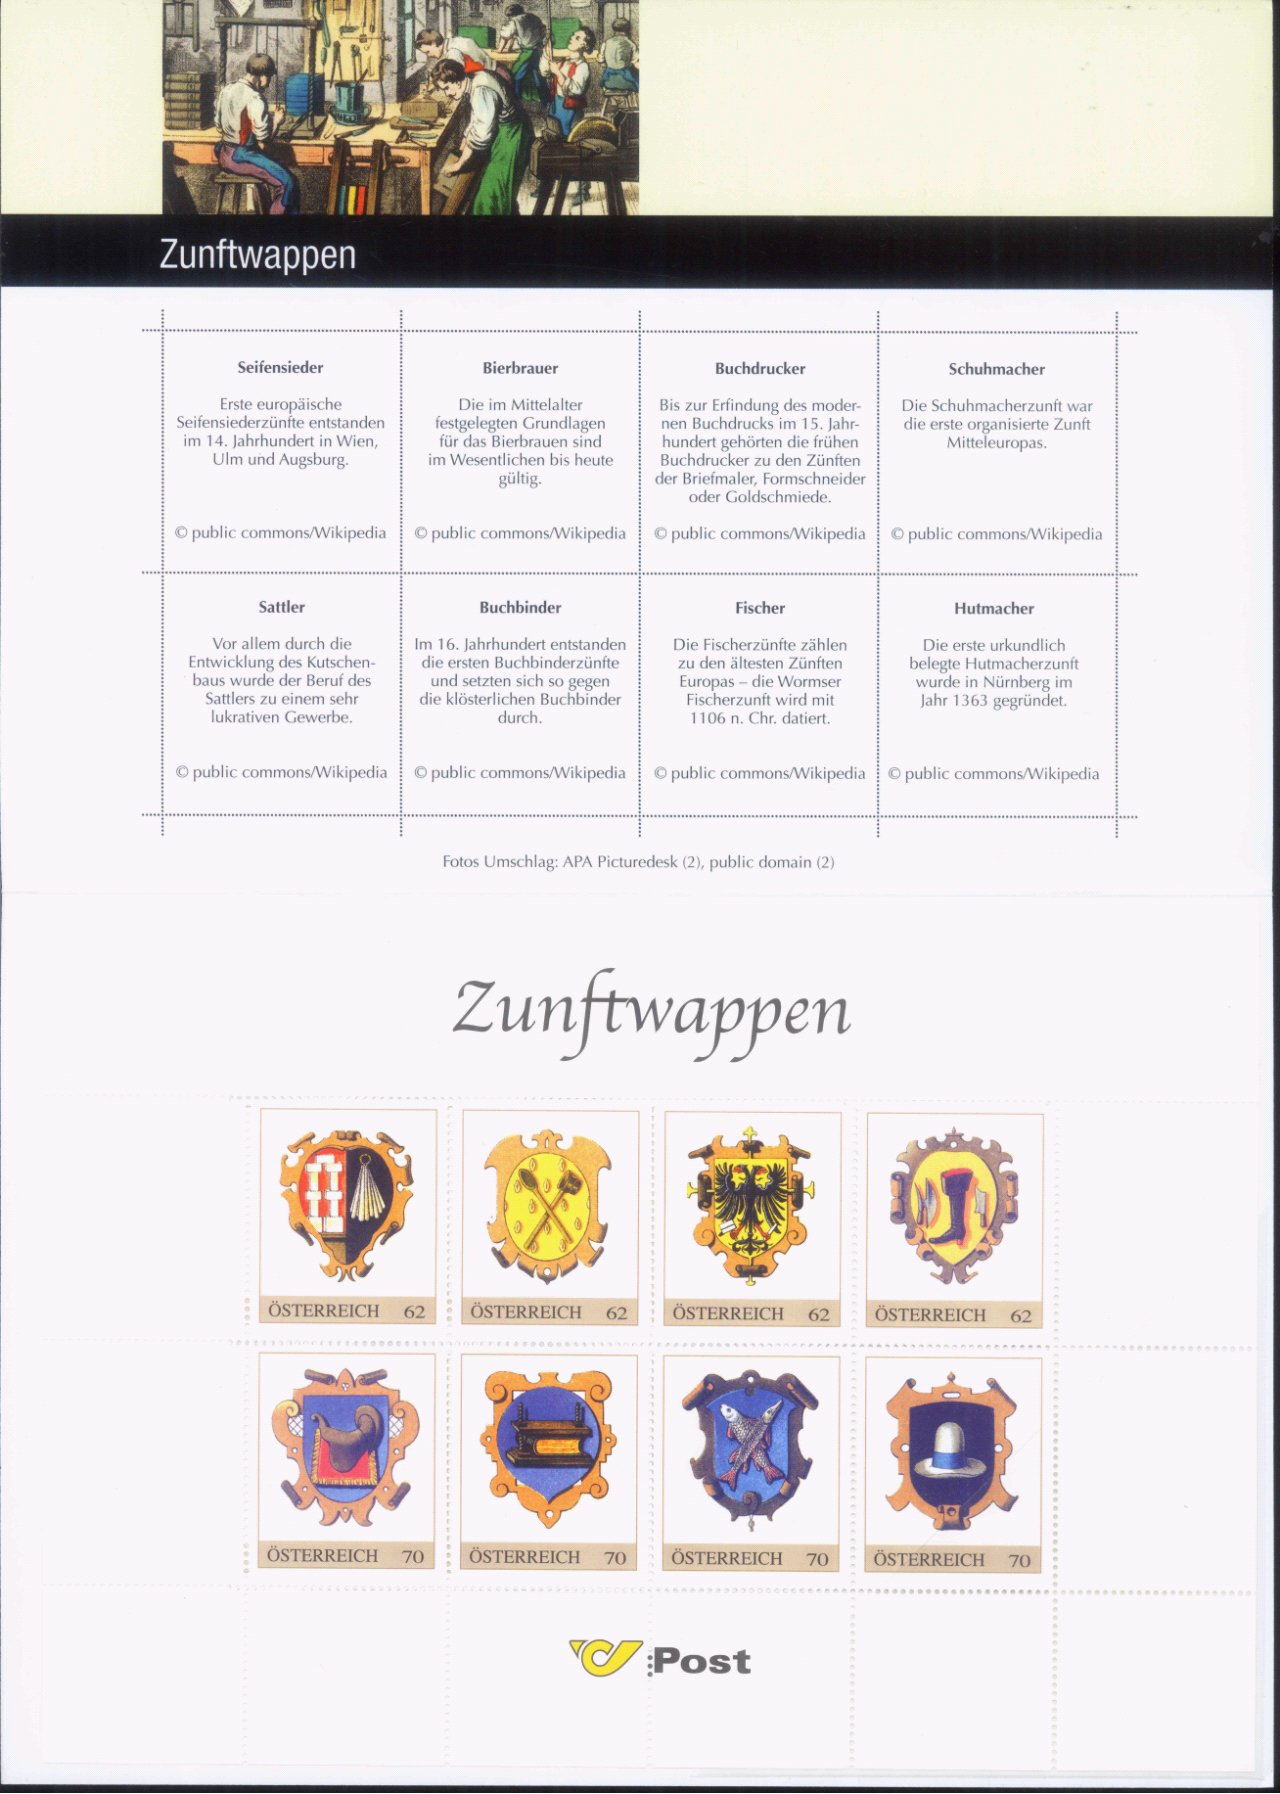 ÖSTERREICH 2011, Marken Edition 8-1